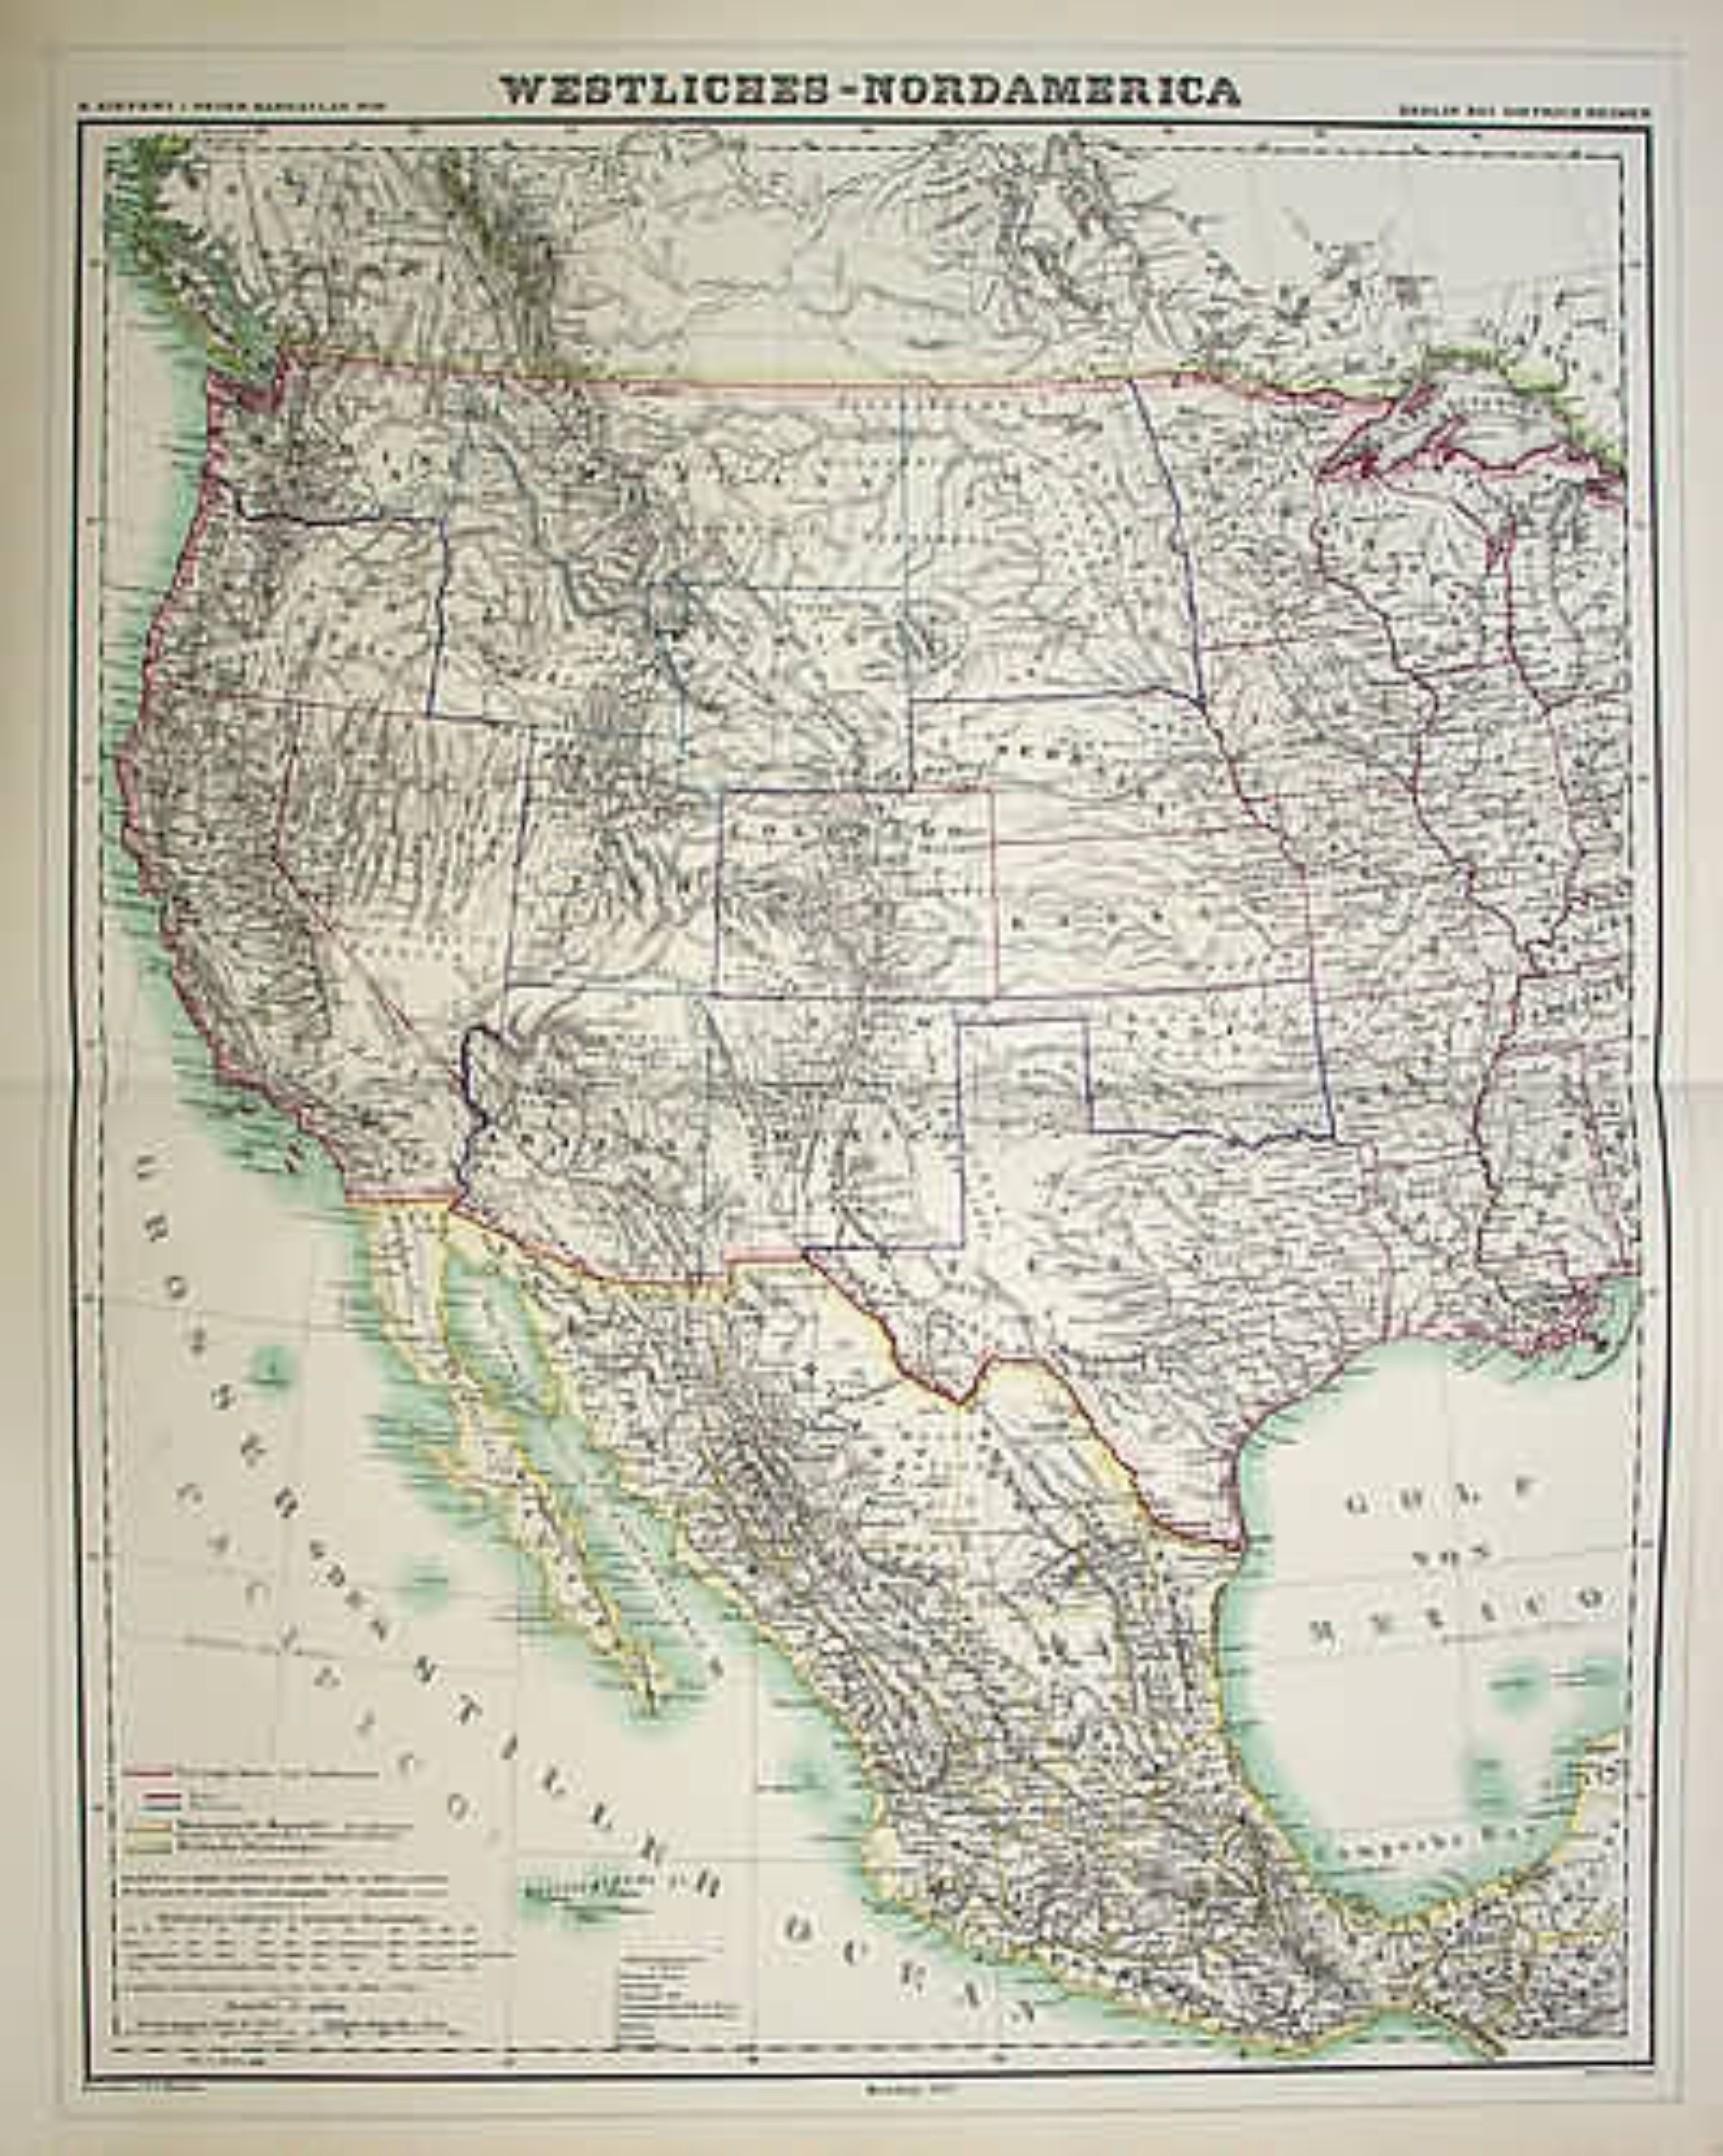 KIEPERT,H. -  Westliches-Nordamerica.